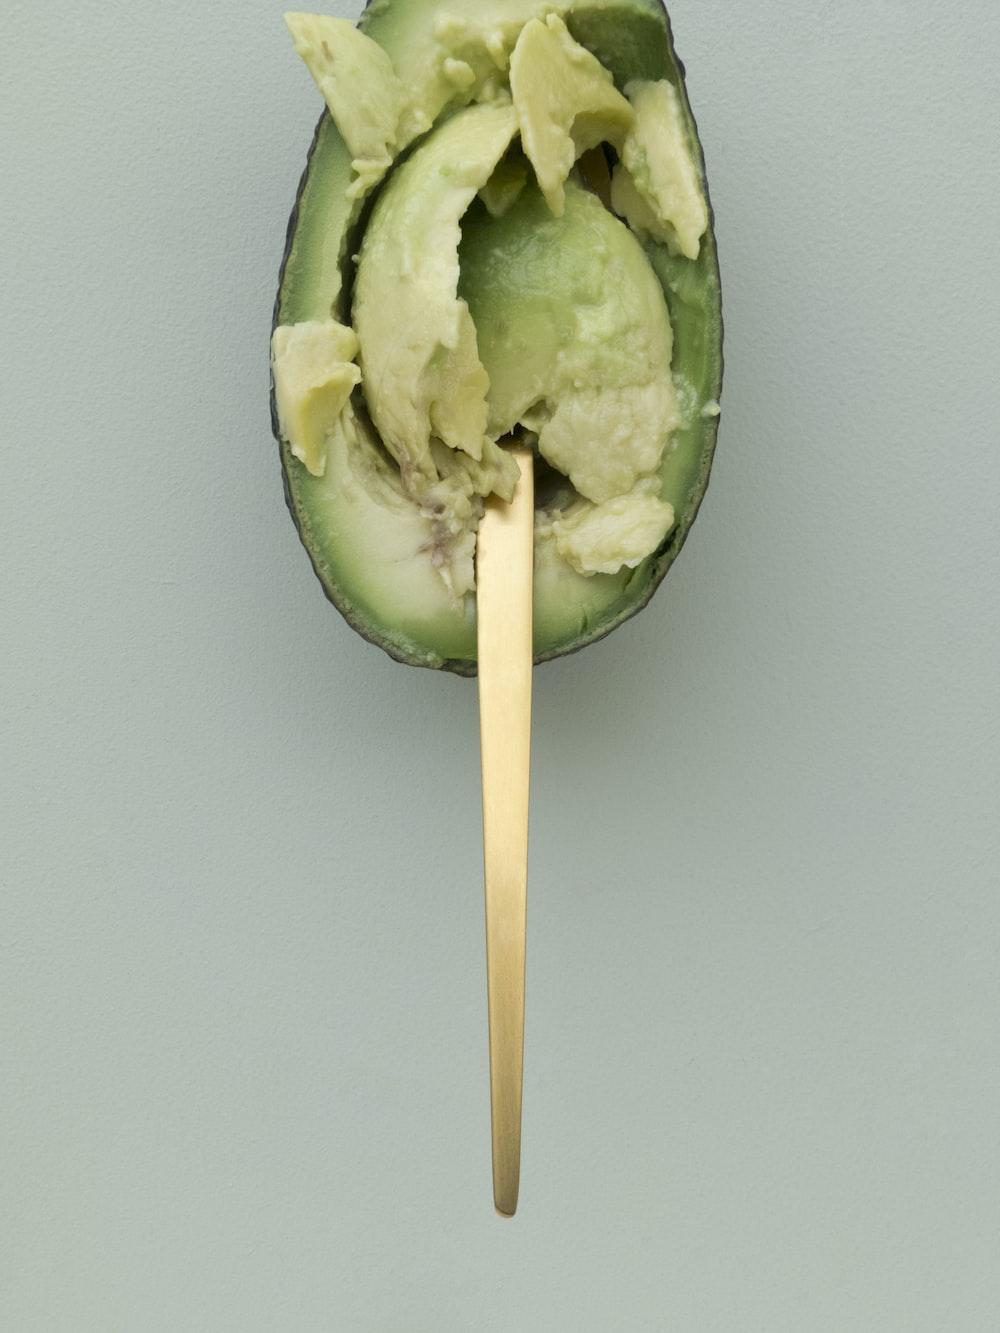 brown steel scoop on avocado